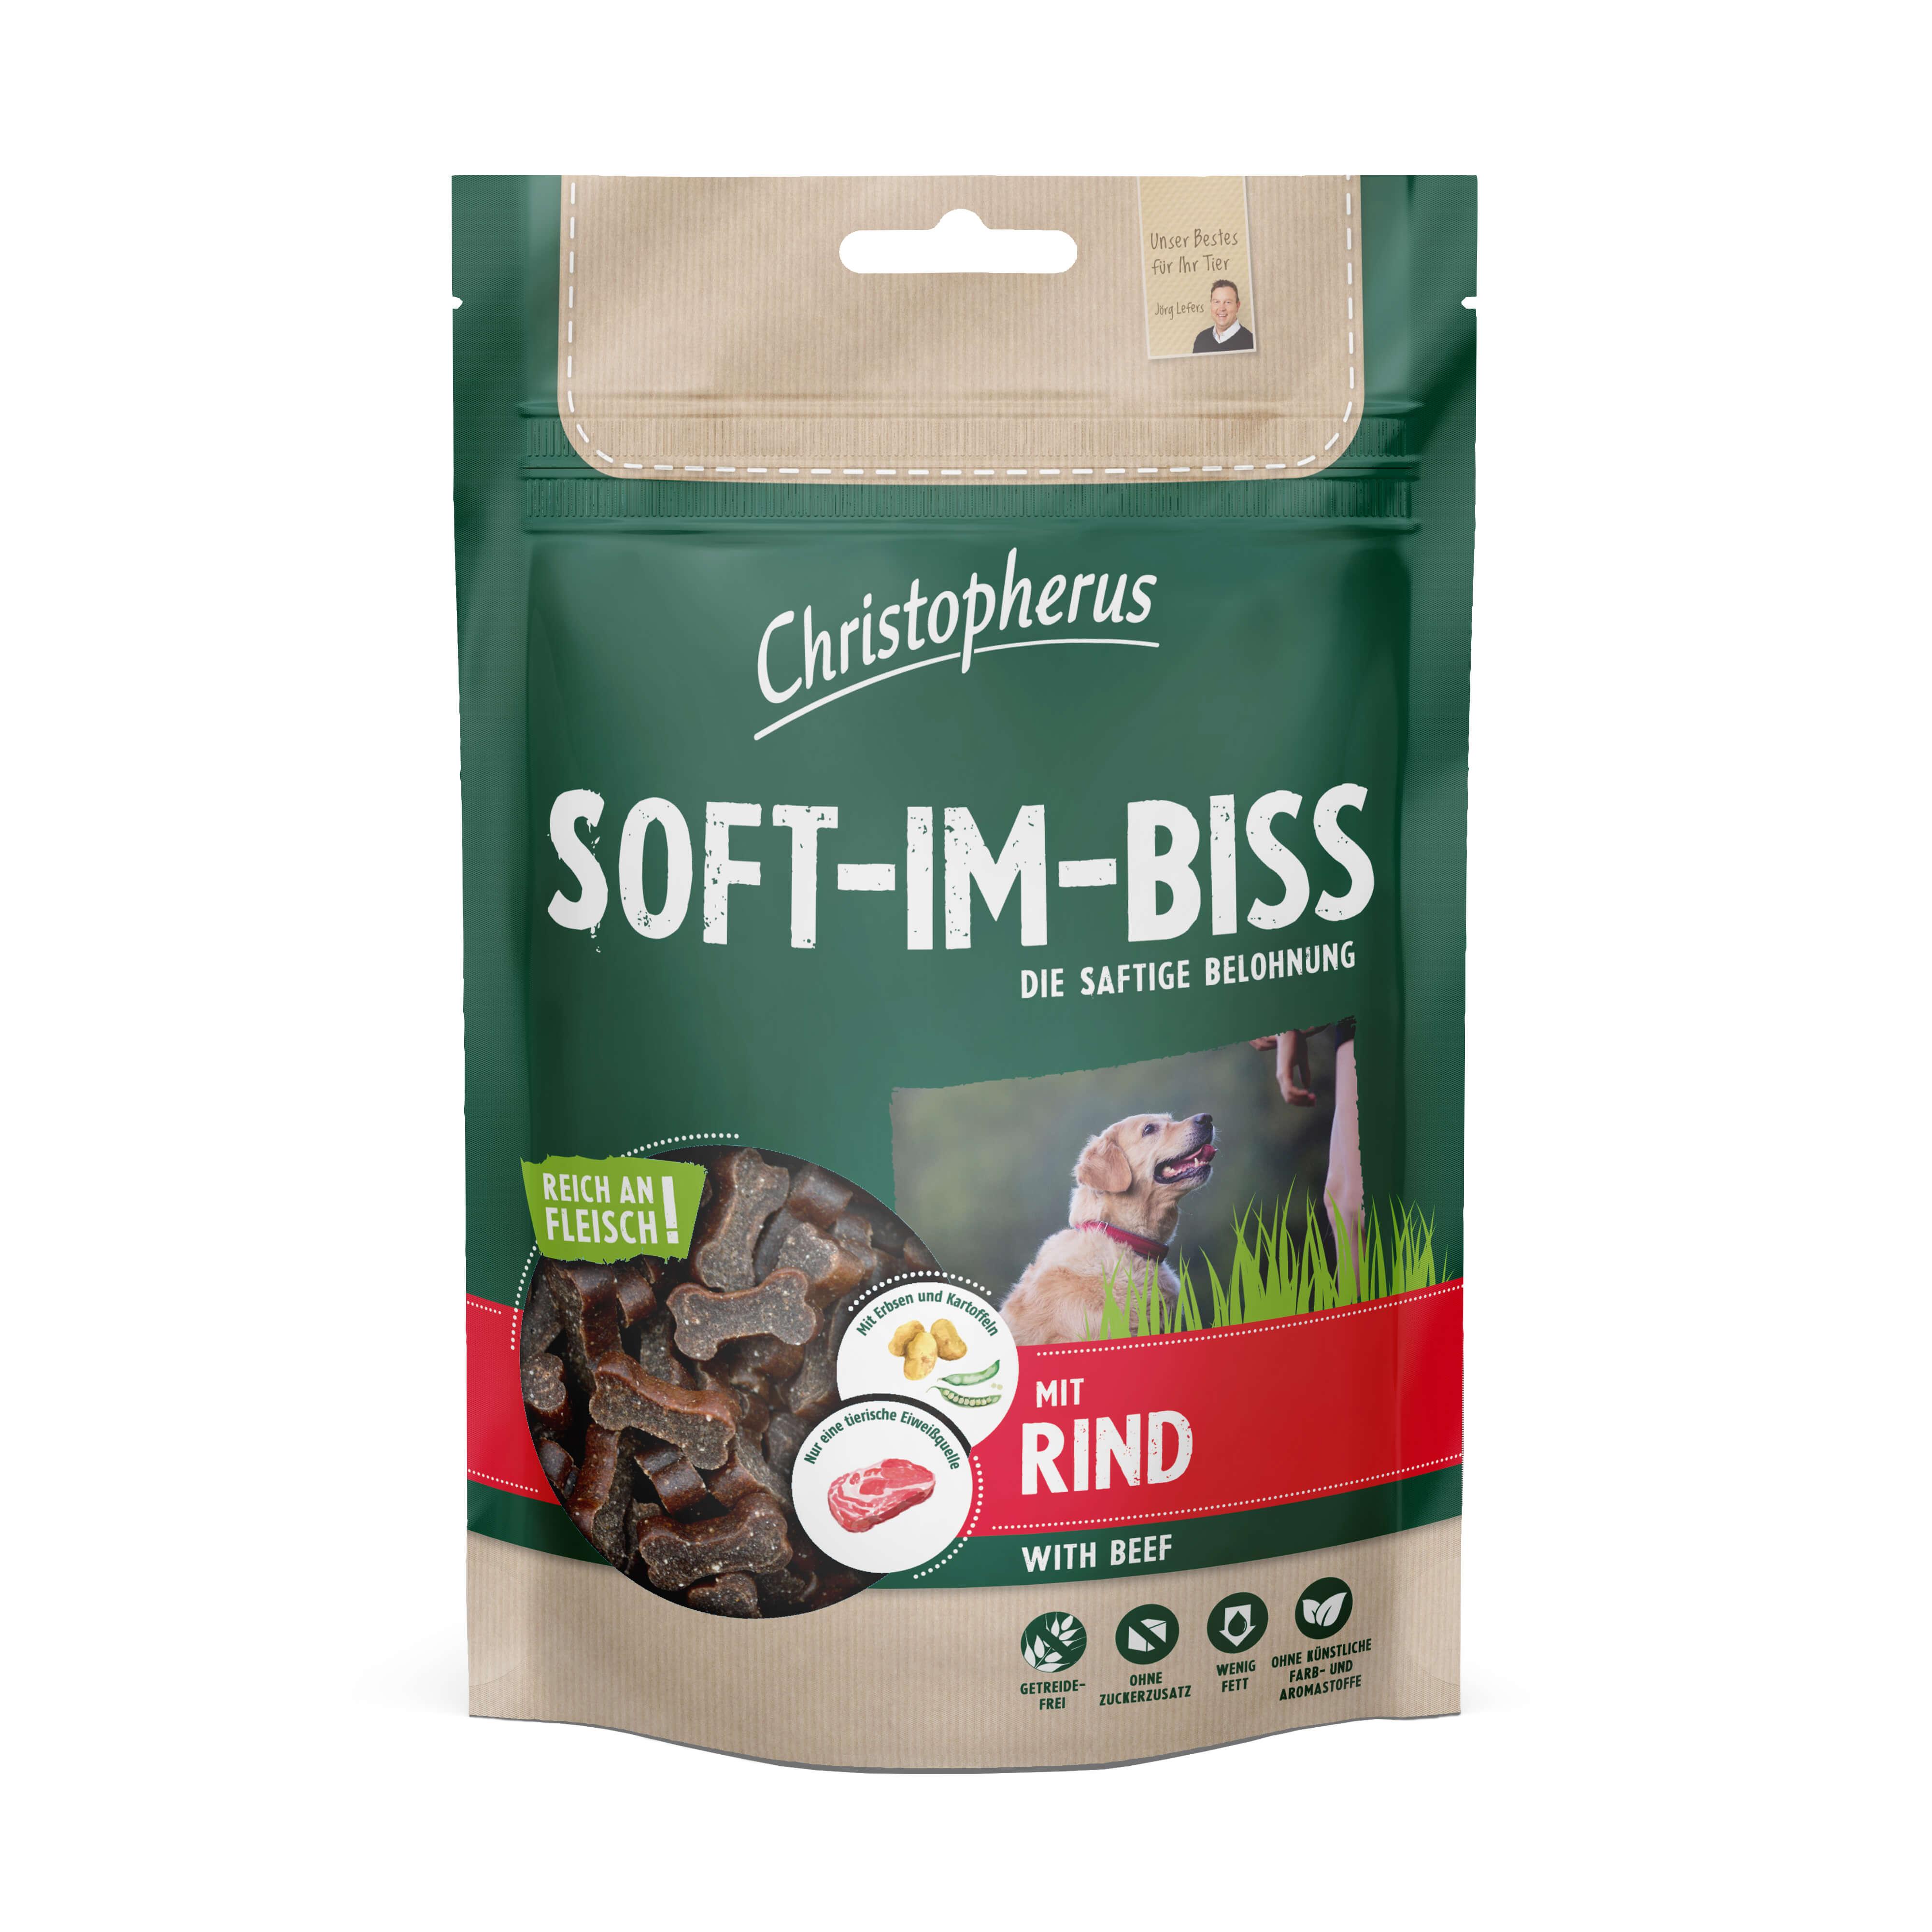 Christopherus – Soft-Im-Biss Rind